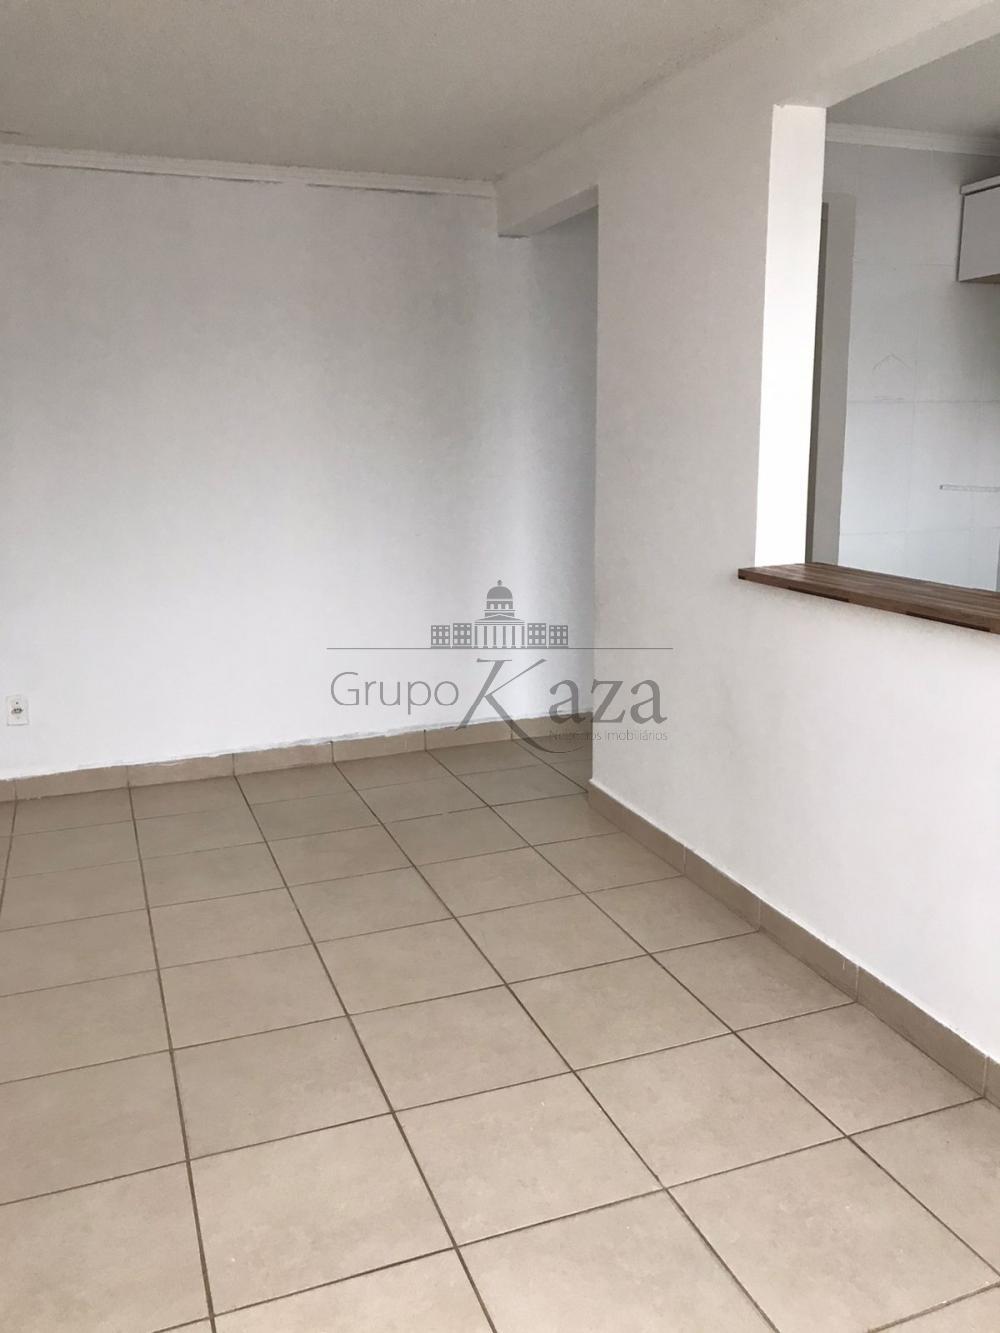 alt='Comprar Apartamento / Padrão em São José dos Campos R$ 171.000,00 - Foto 3' title='Comprar Apartamento / Padrão em São José dos Campos R$ 171.000,00 - Foto 3'